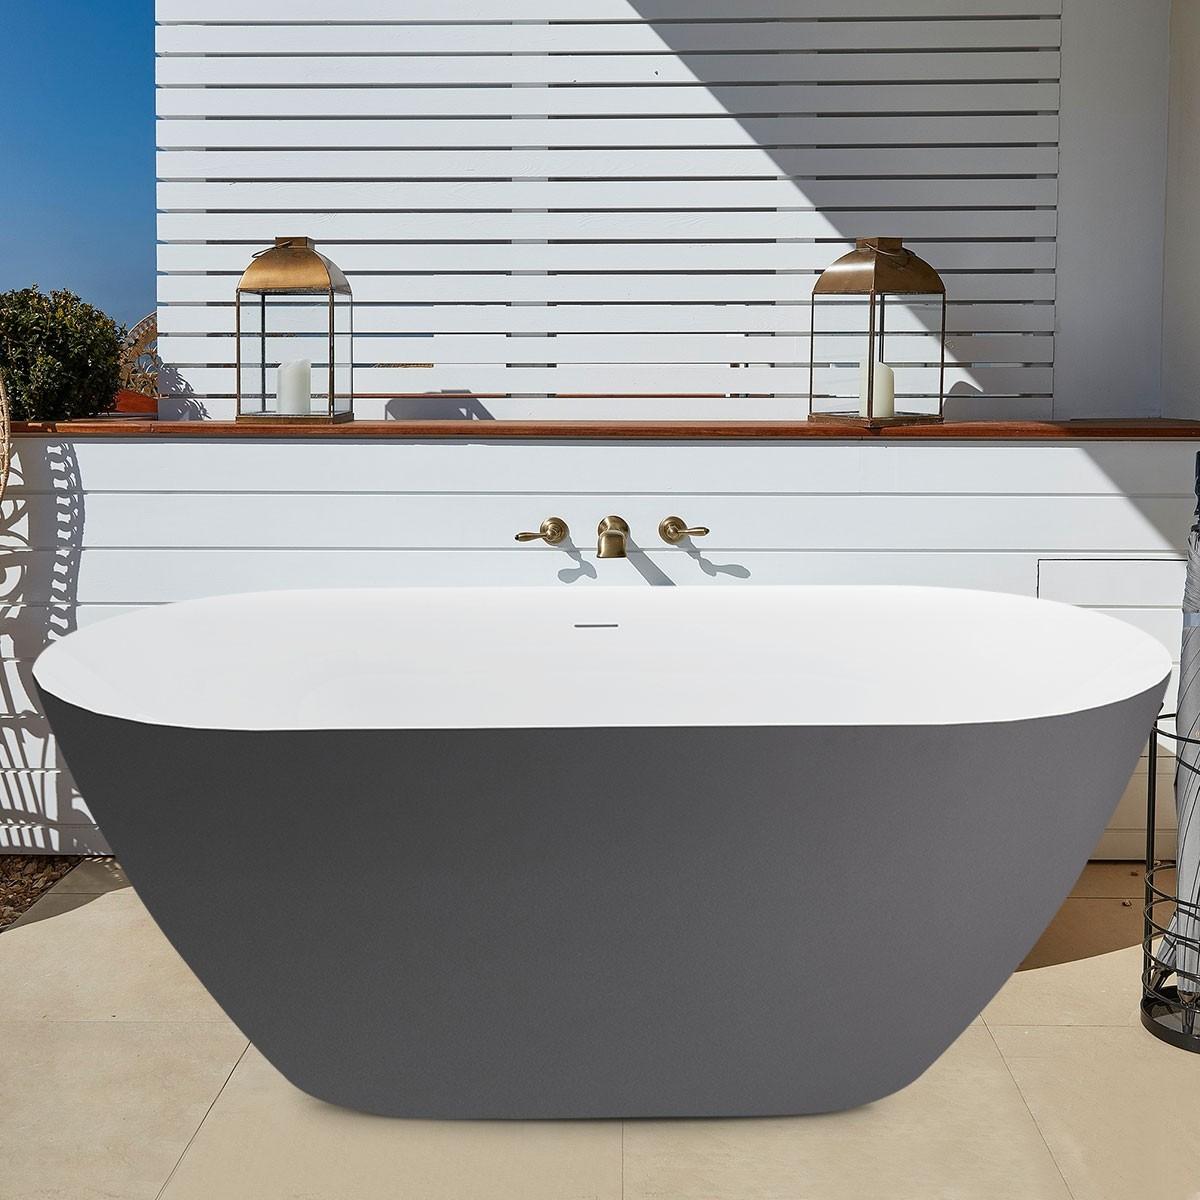 67 Inch Acrylic Freestanding Bathtub in 37 Shades of Gray (K123775A)